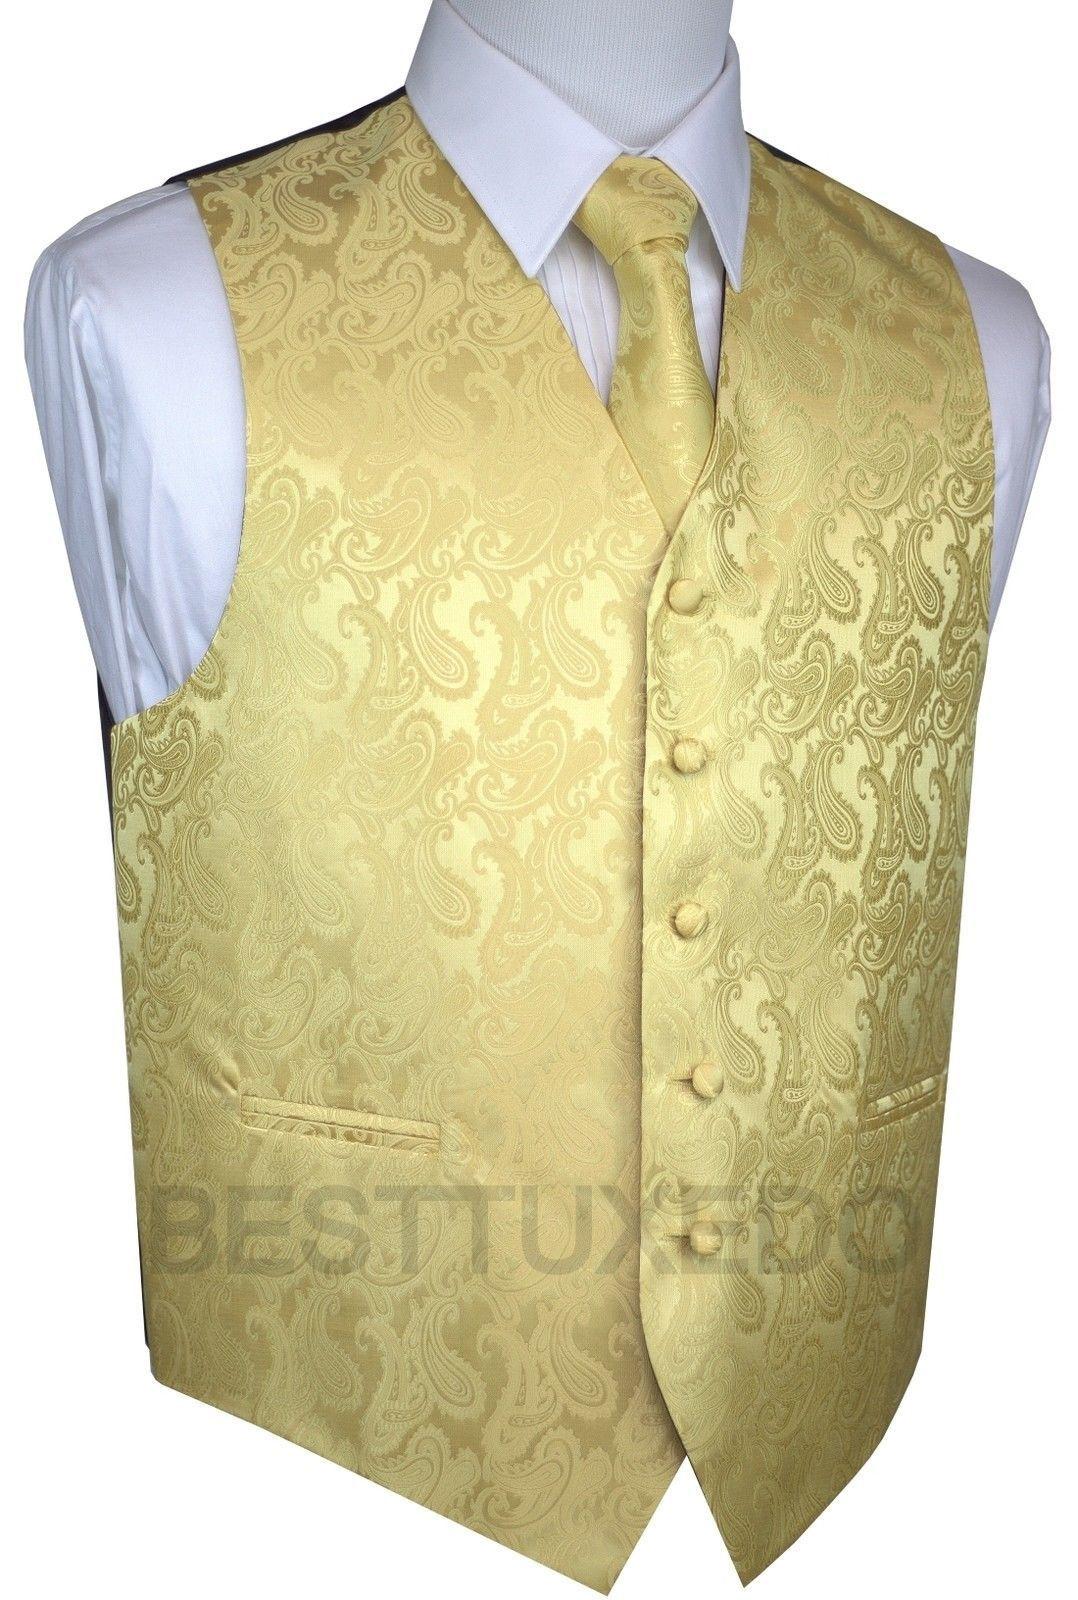 WEDDING MEN/'S CHAMPAGNE PAISLEY FORMAL DRESS TUXEDO VEST PROM